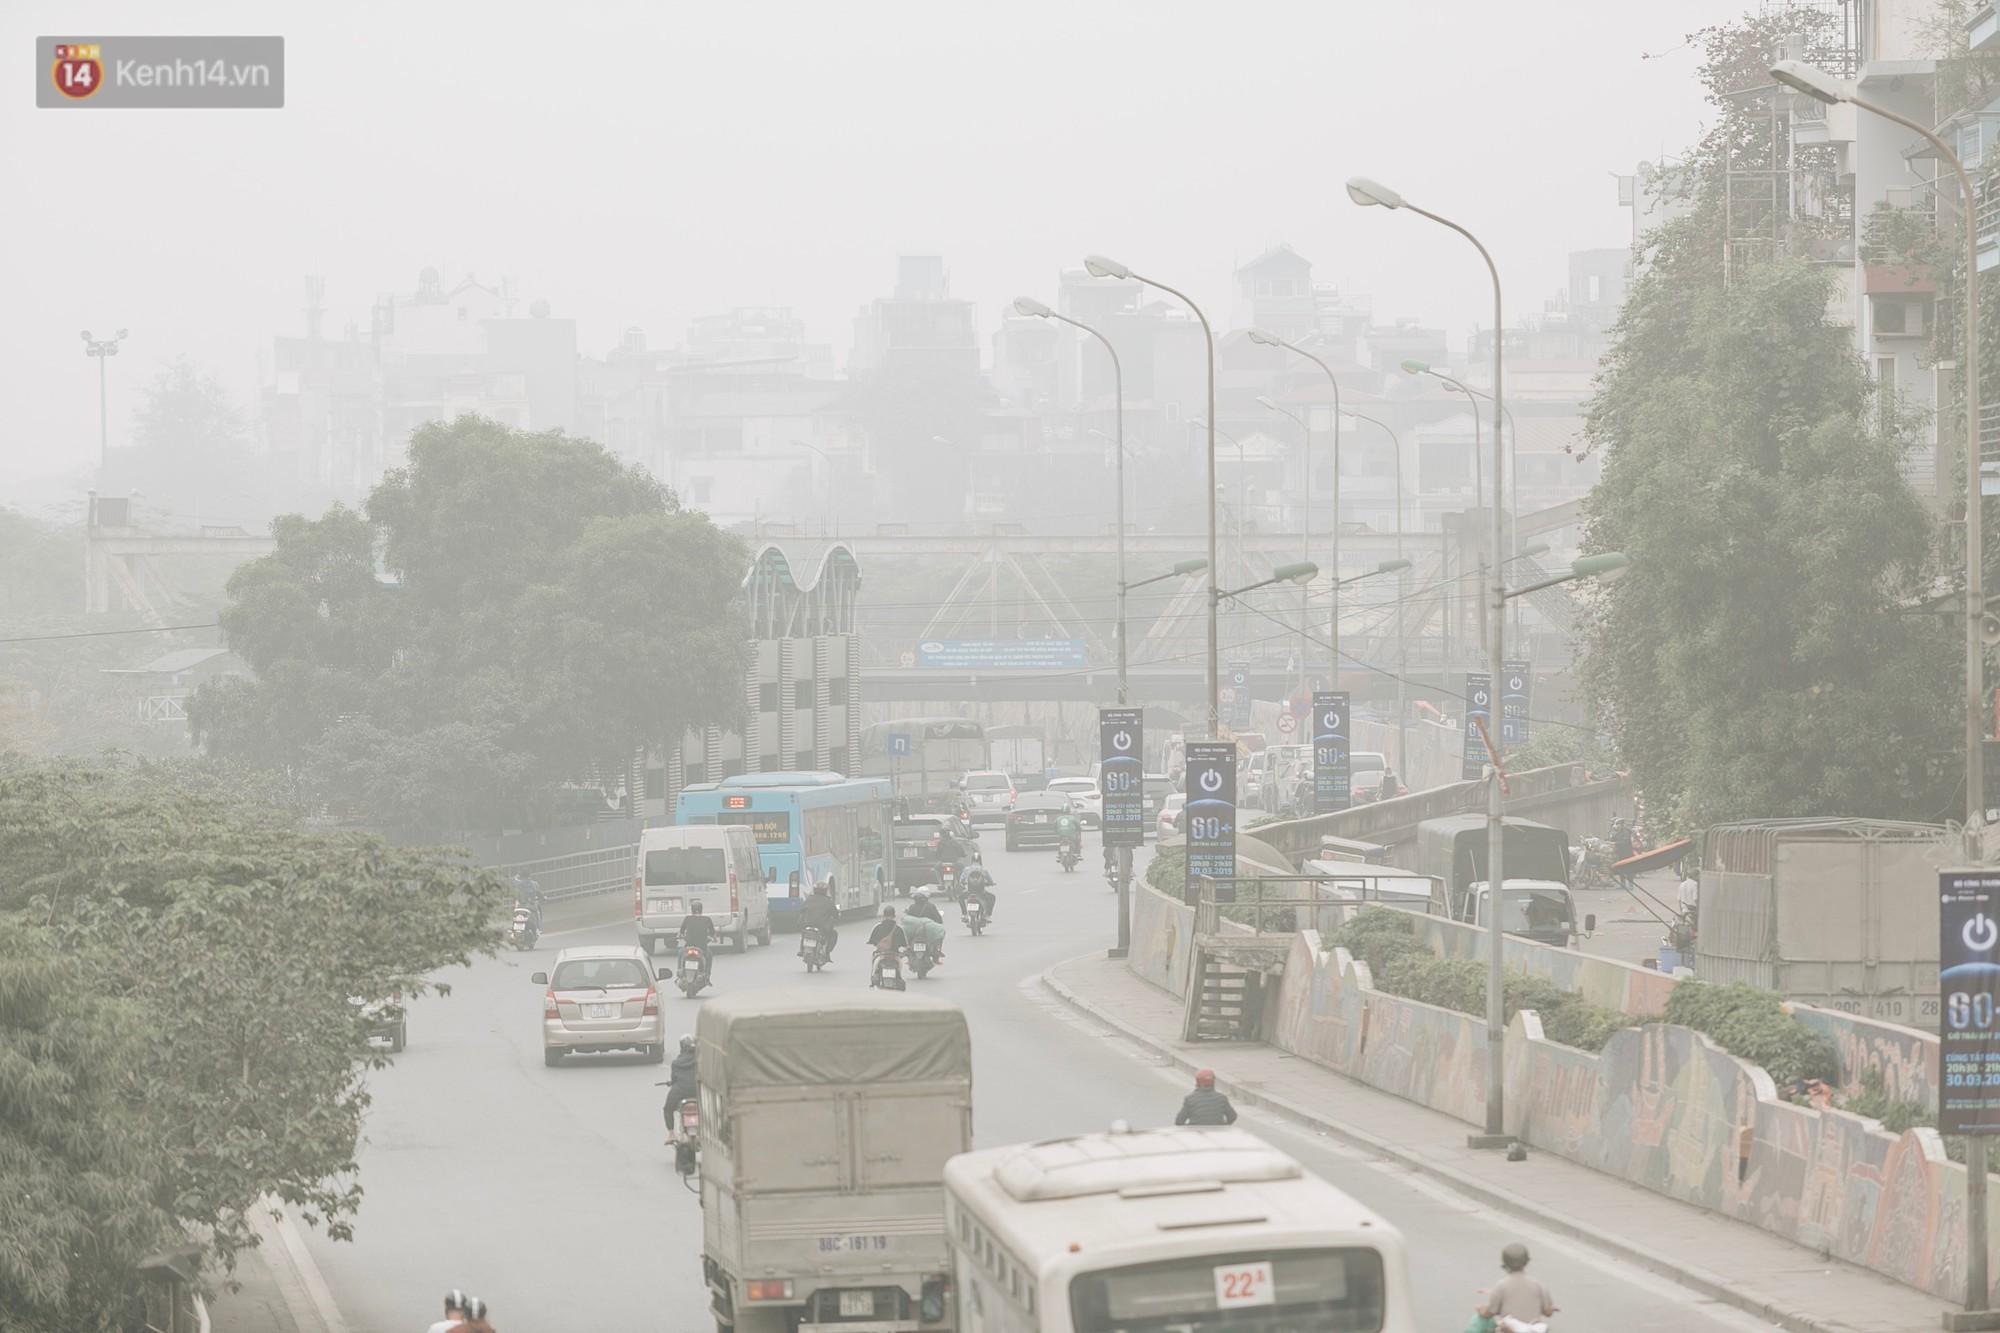 Những con số đáng báo động về thực trạng ô nhiễm không khí tại Hà Nội và TP Hồ Chí Minh - Ảnh 2.